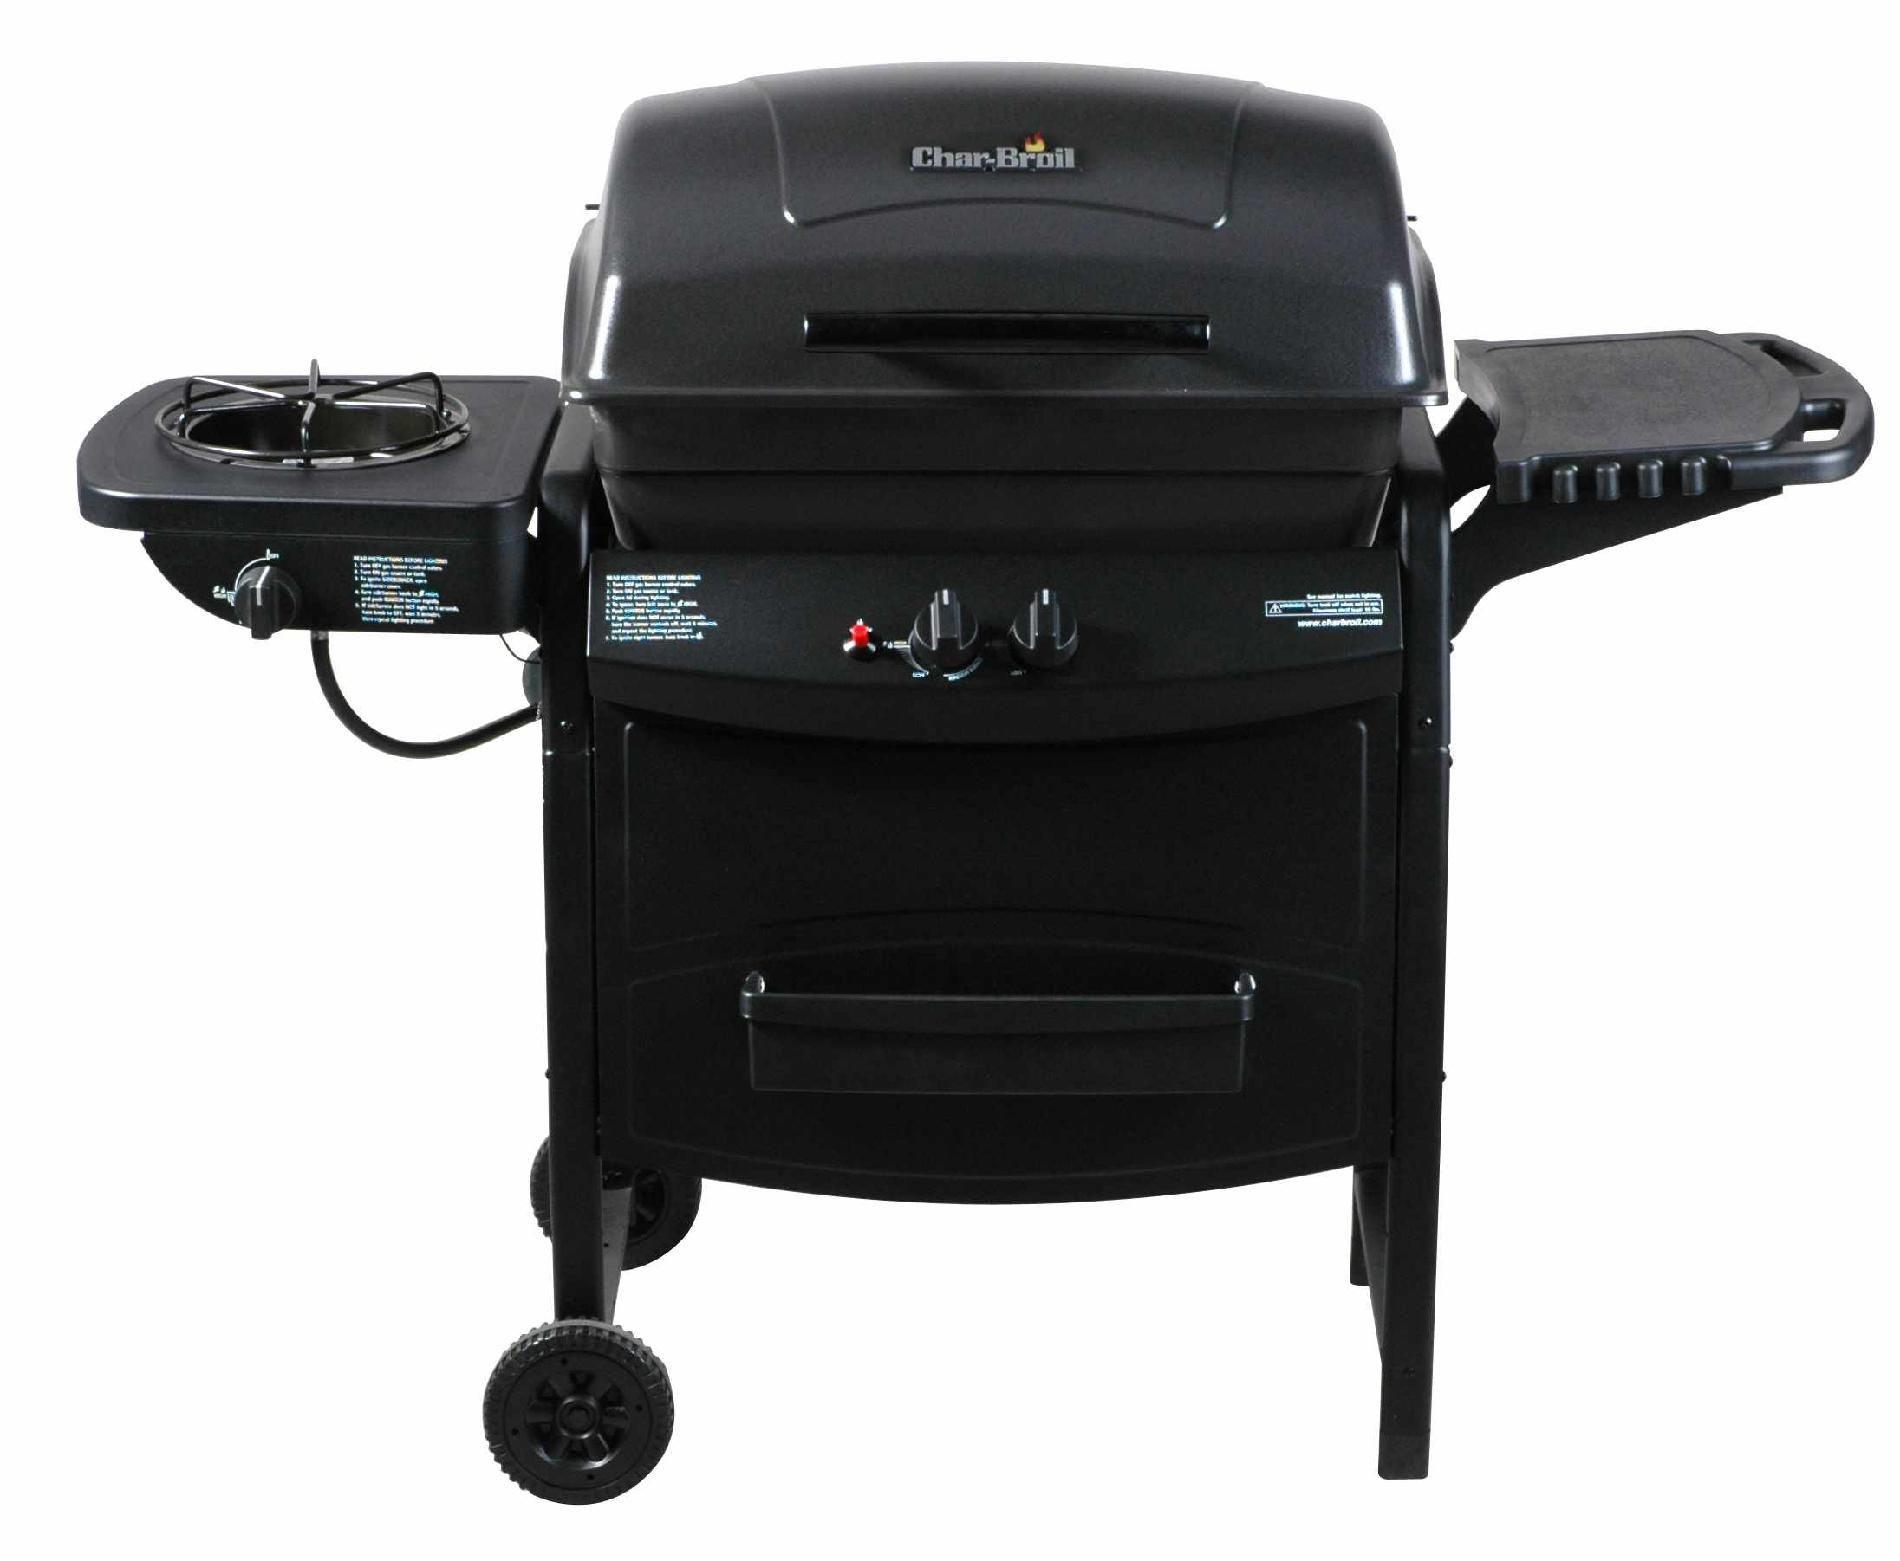 UPC Char Broil 2 Burner Gas Grill with Side Burner